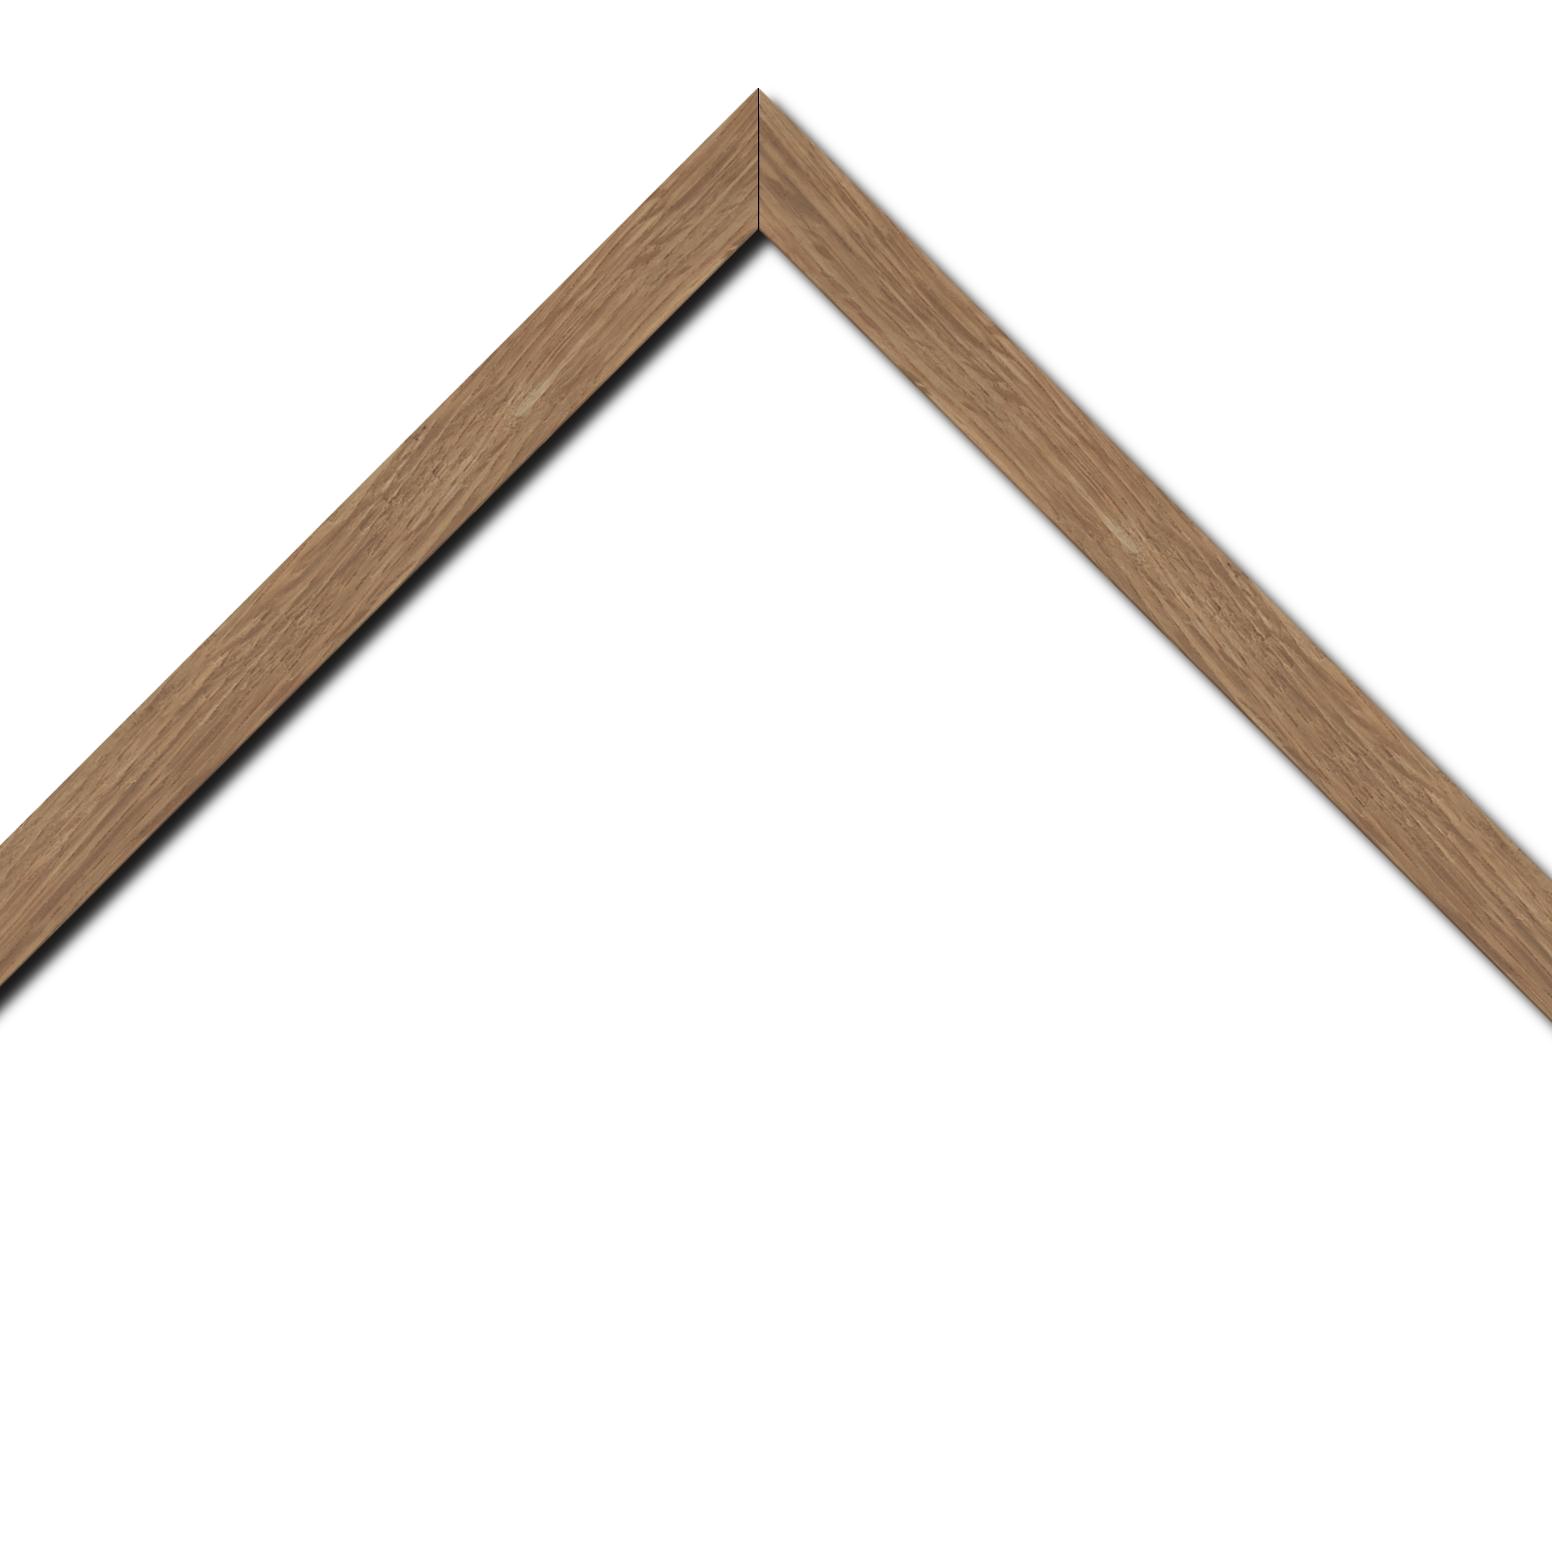 Baguette bois profil plat largeur 2cm hauteur 3cm chêne naturel massif